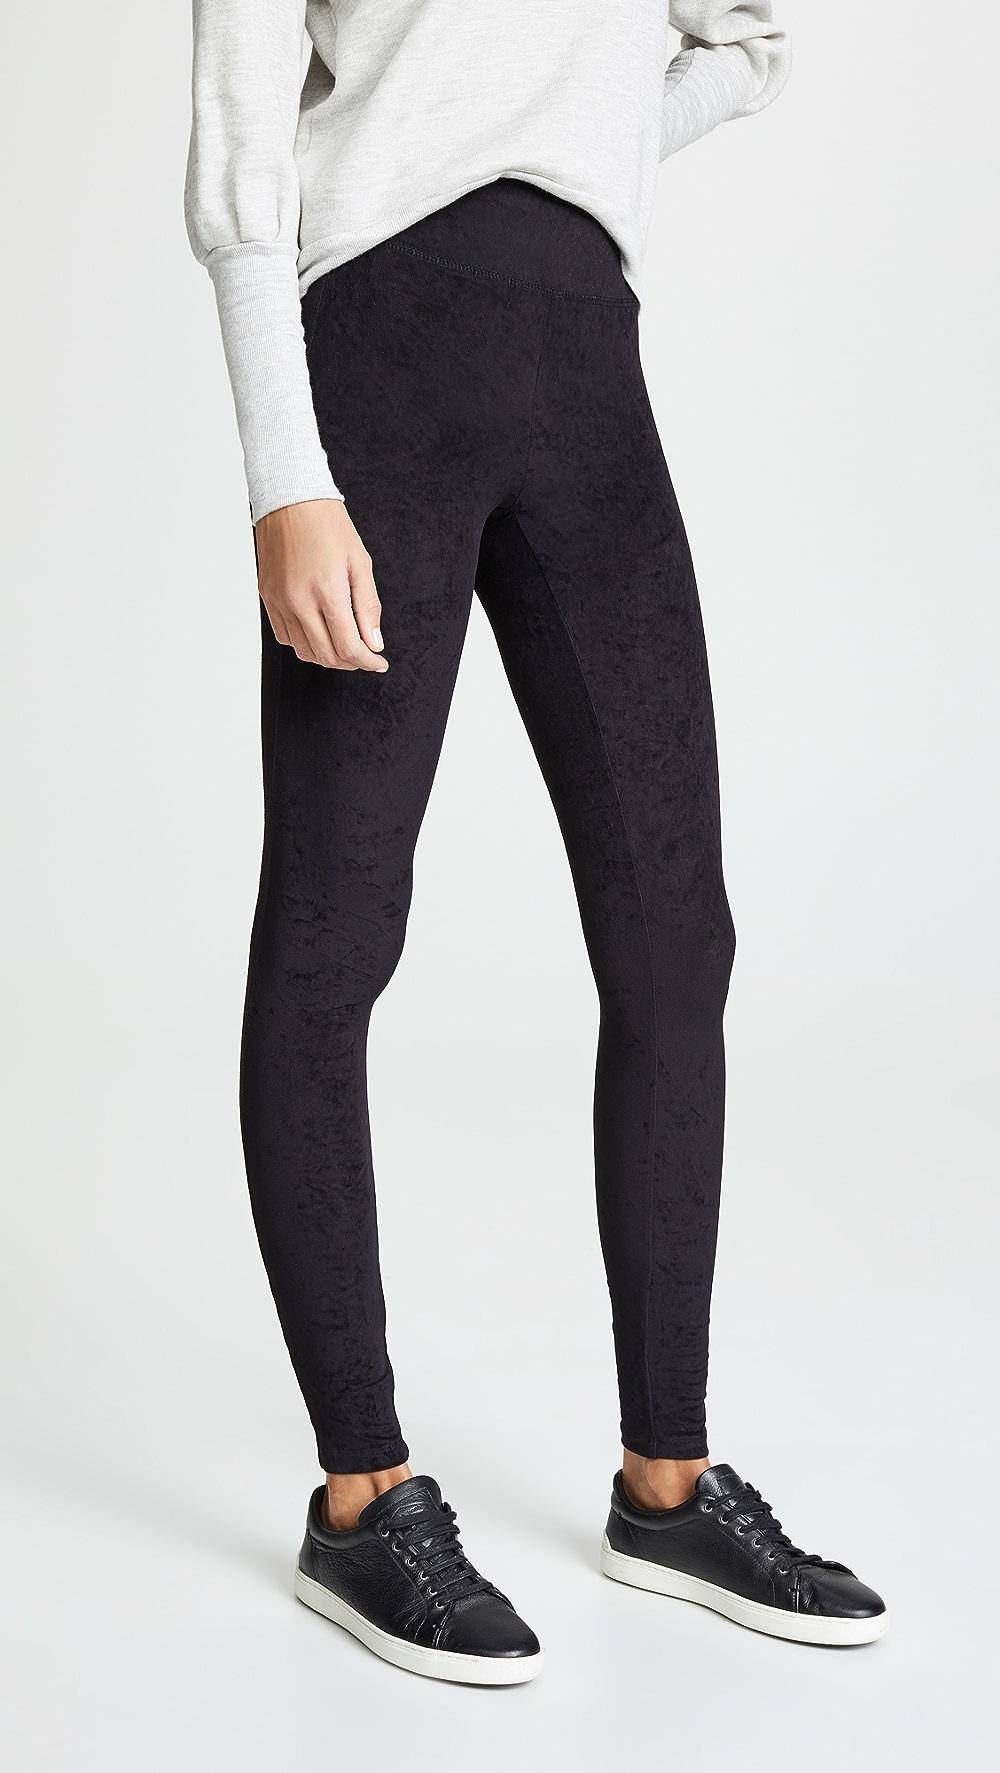 100% Quality James Perse - High Waist Velvet Leggings Yet Not Vulgar